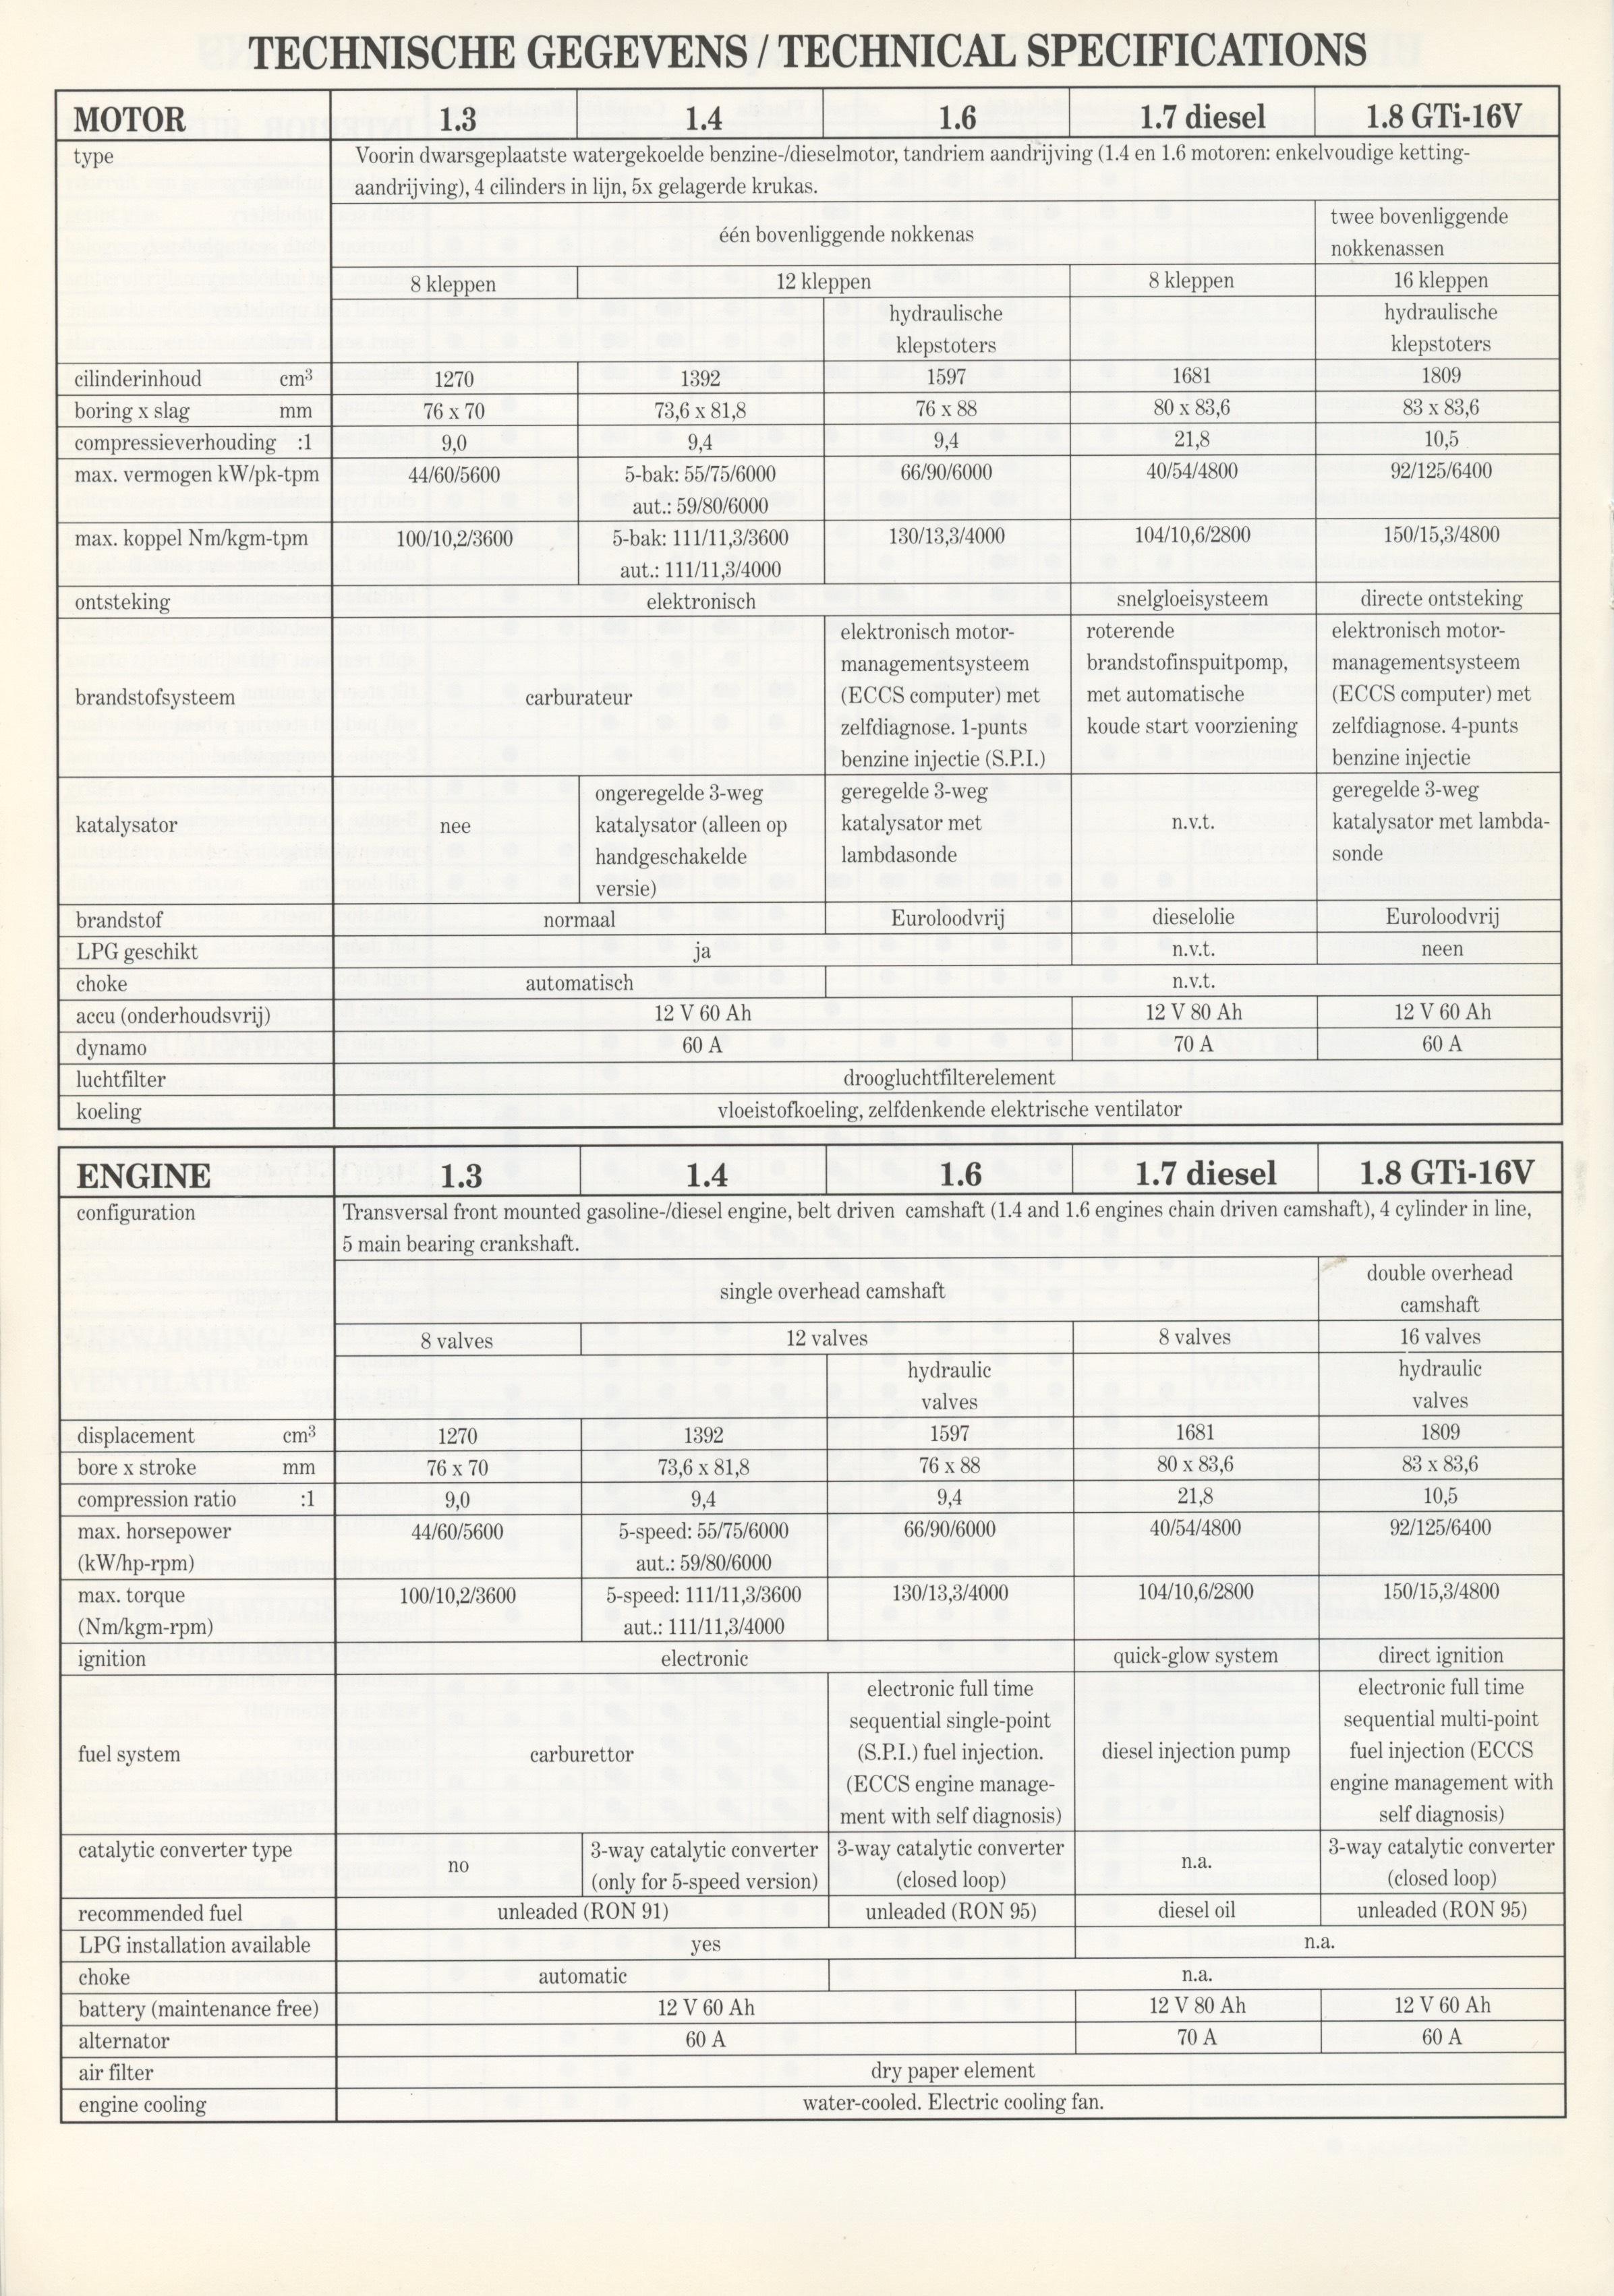 nissan-sunny-n13-dutch-techspecs-p04